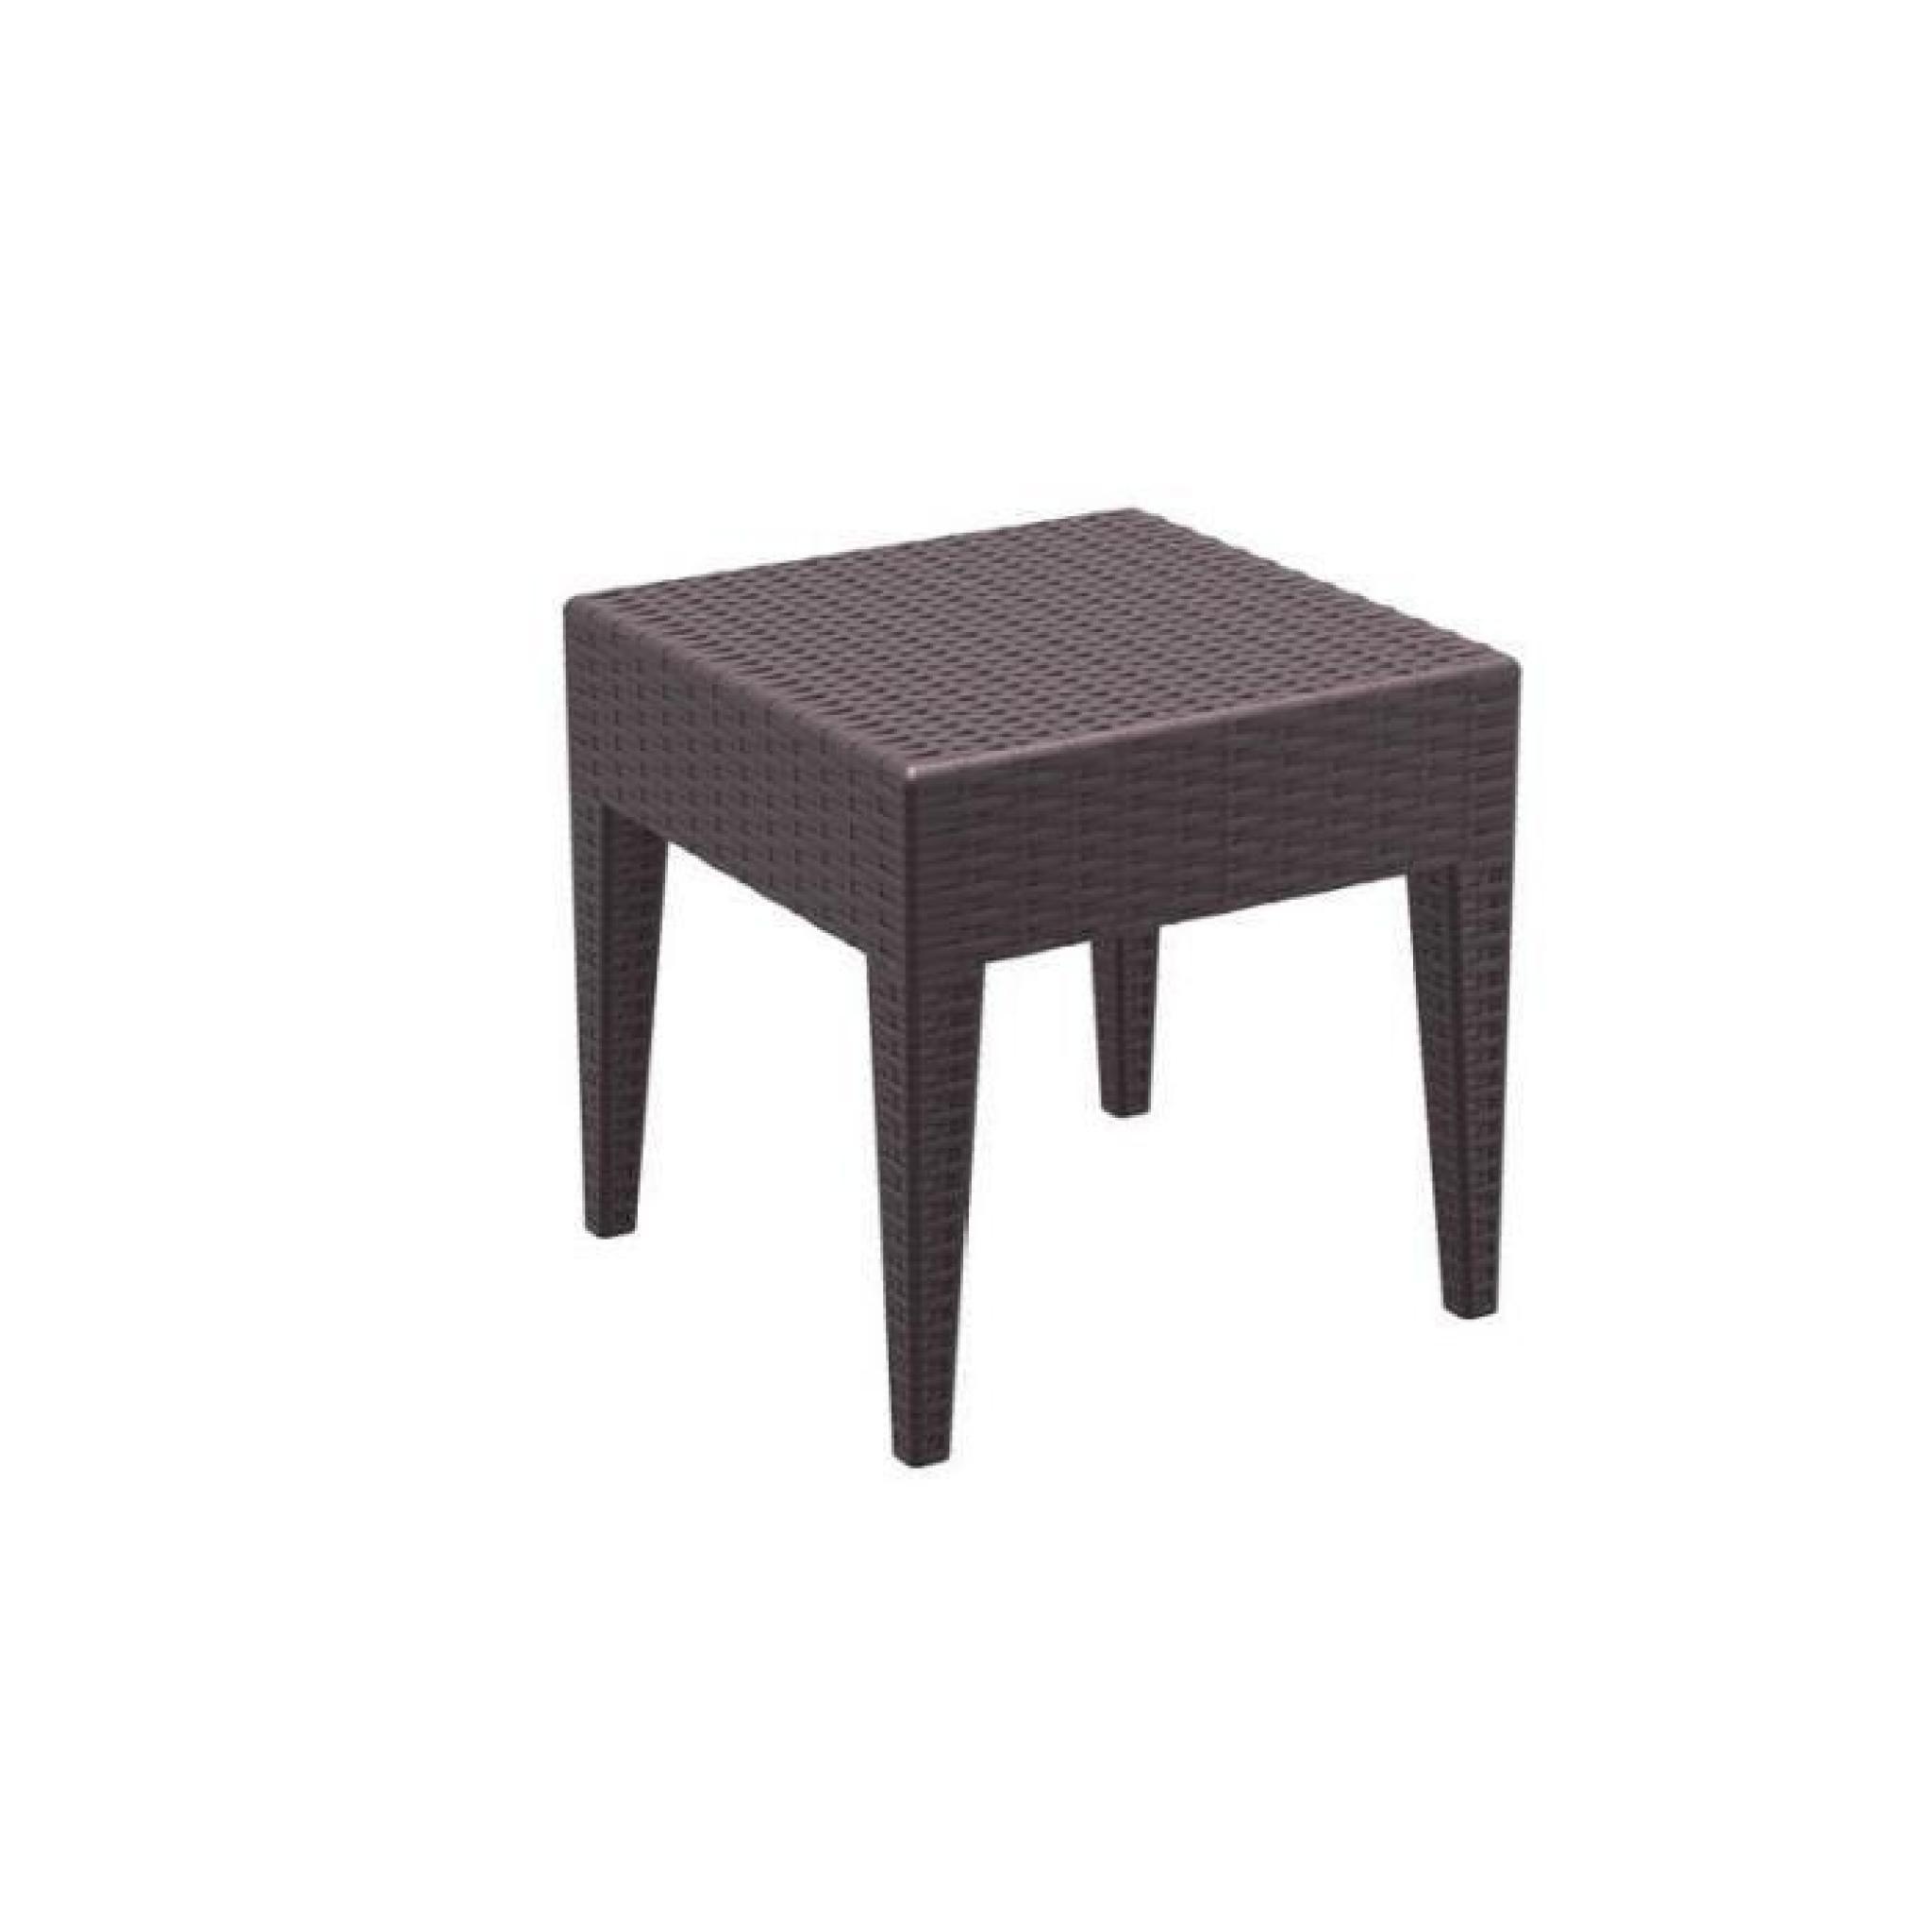 table basse de jardin carre etanche en plastique marron 45x45x45 cm mdj10027 achat vente table de jardin en plastique pas cher coindujardin com